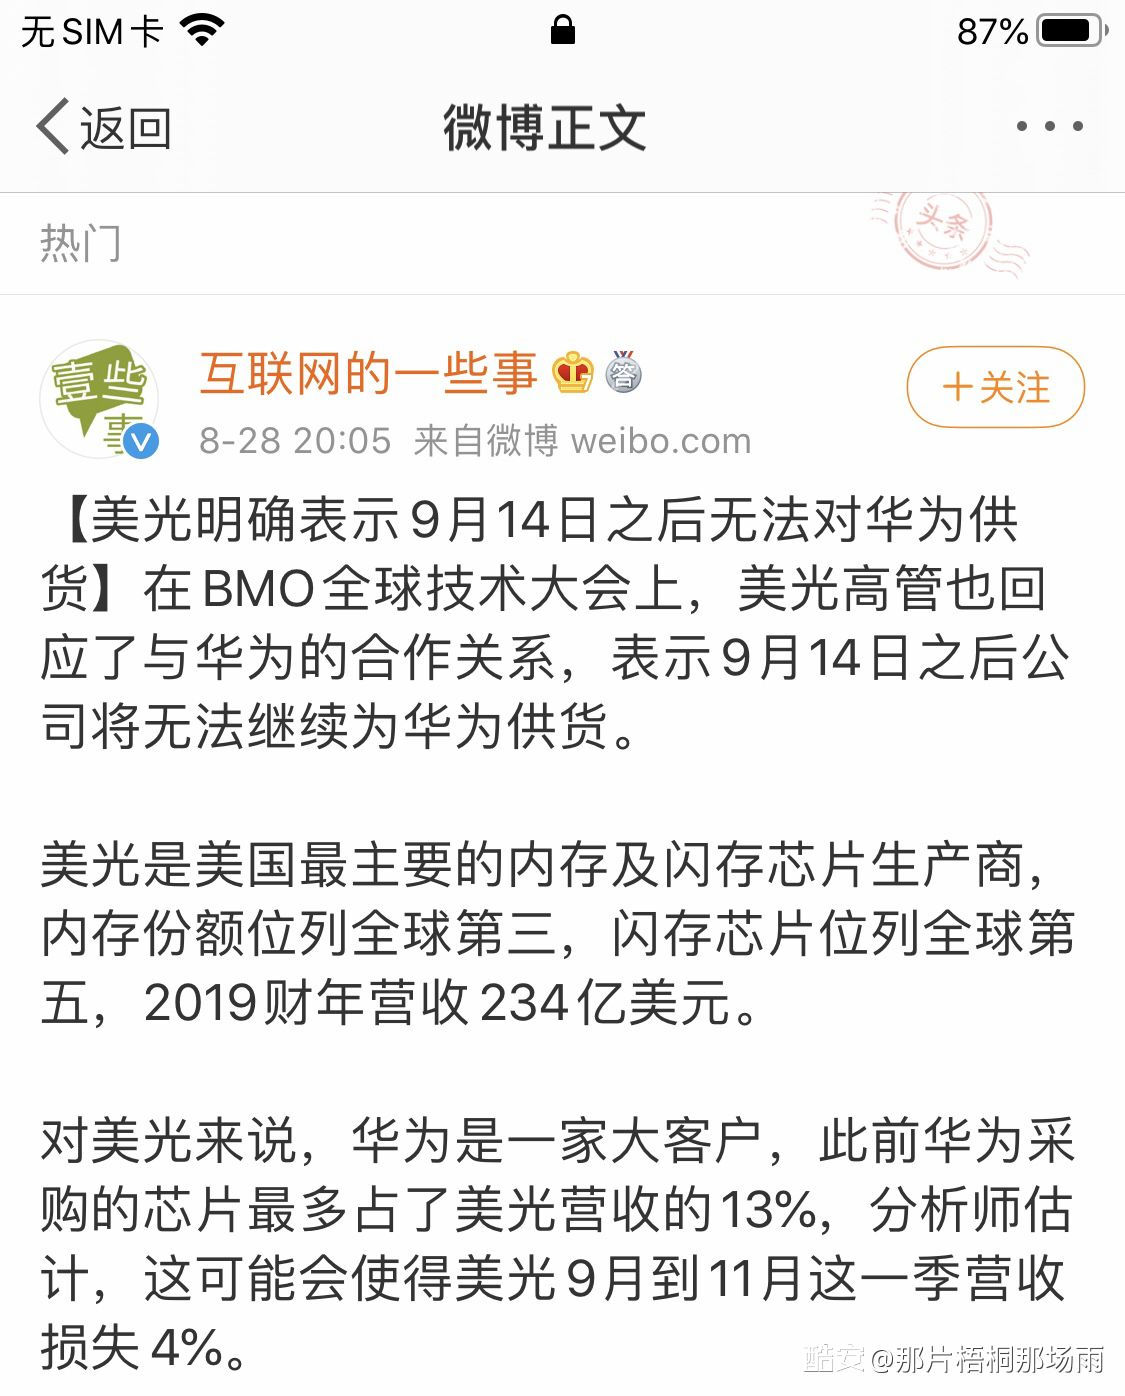 2020年9 月 15 日起暂停供货华为厂商汇总